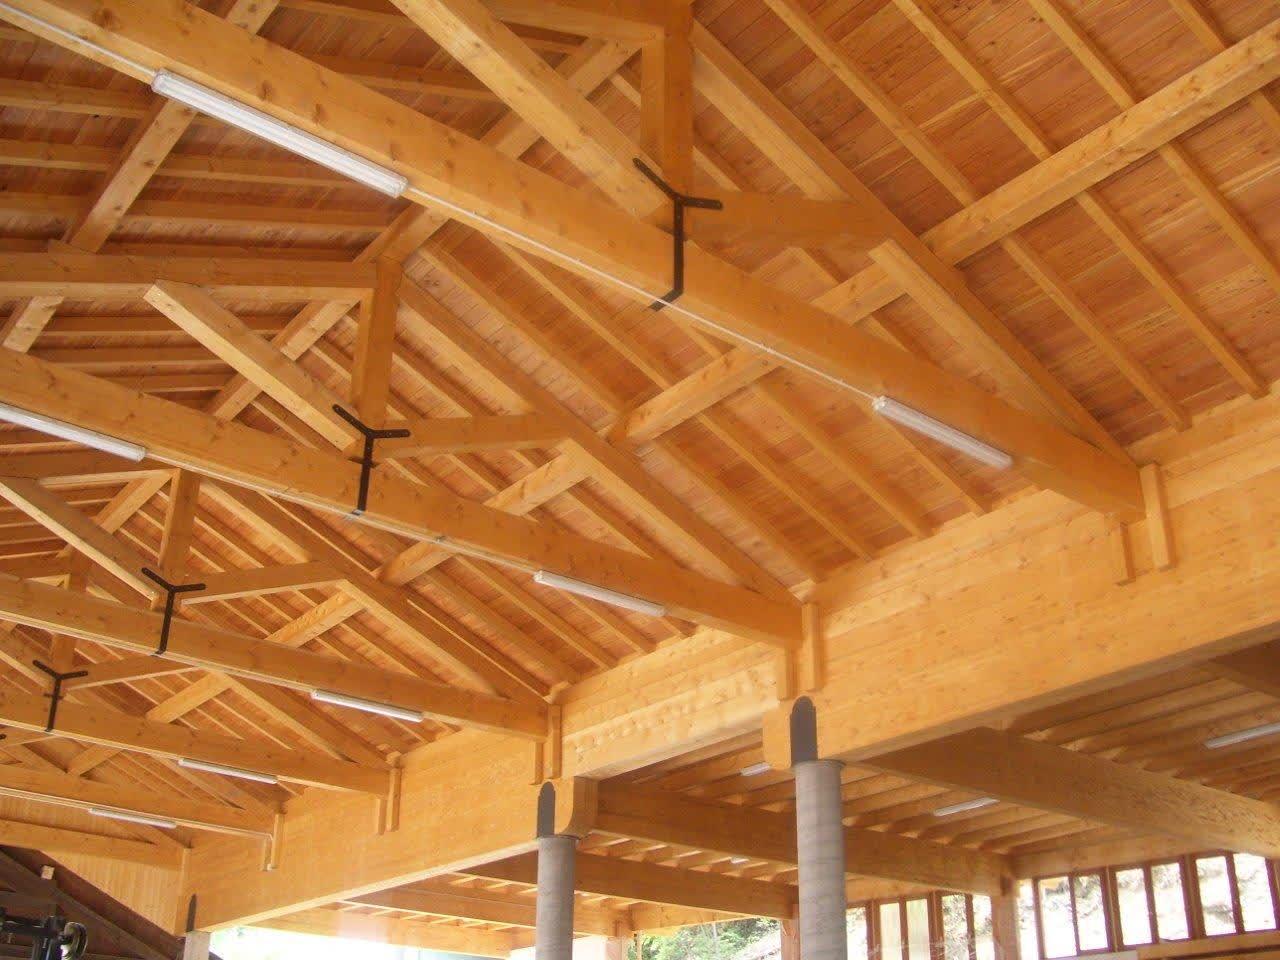 capannone artigianale realizzato a Torcegno (TN)